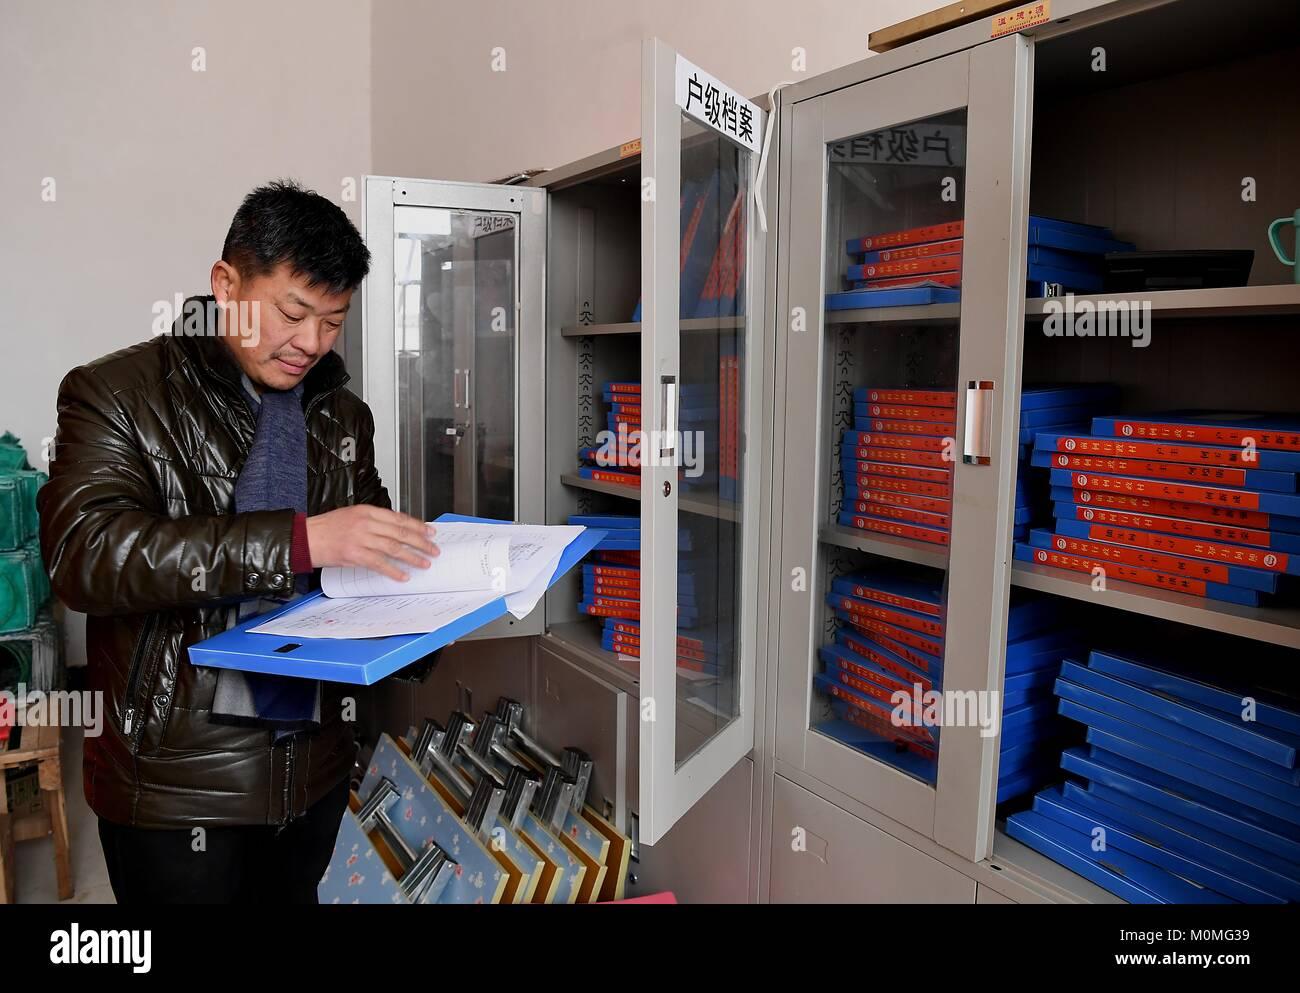 (180123) -- ZHENGZHOU, Jan. 23, 2018 (Xinhua) -- First secretary Han Yunan of Qianhe Village reads on files of poor Stock Photo